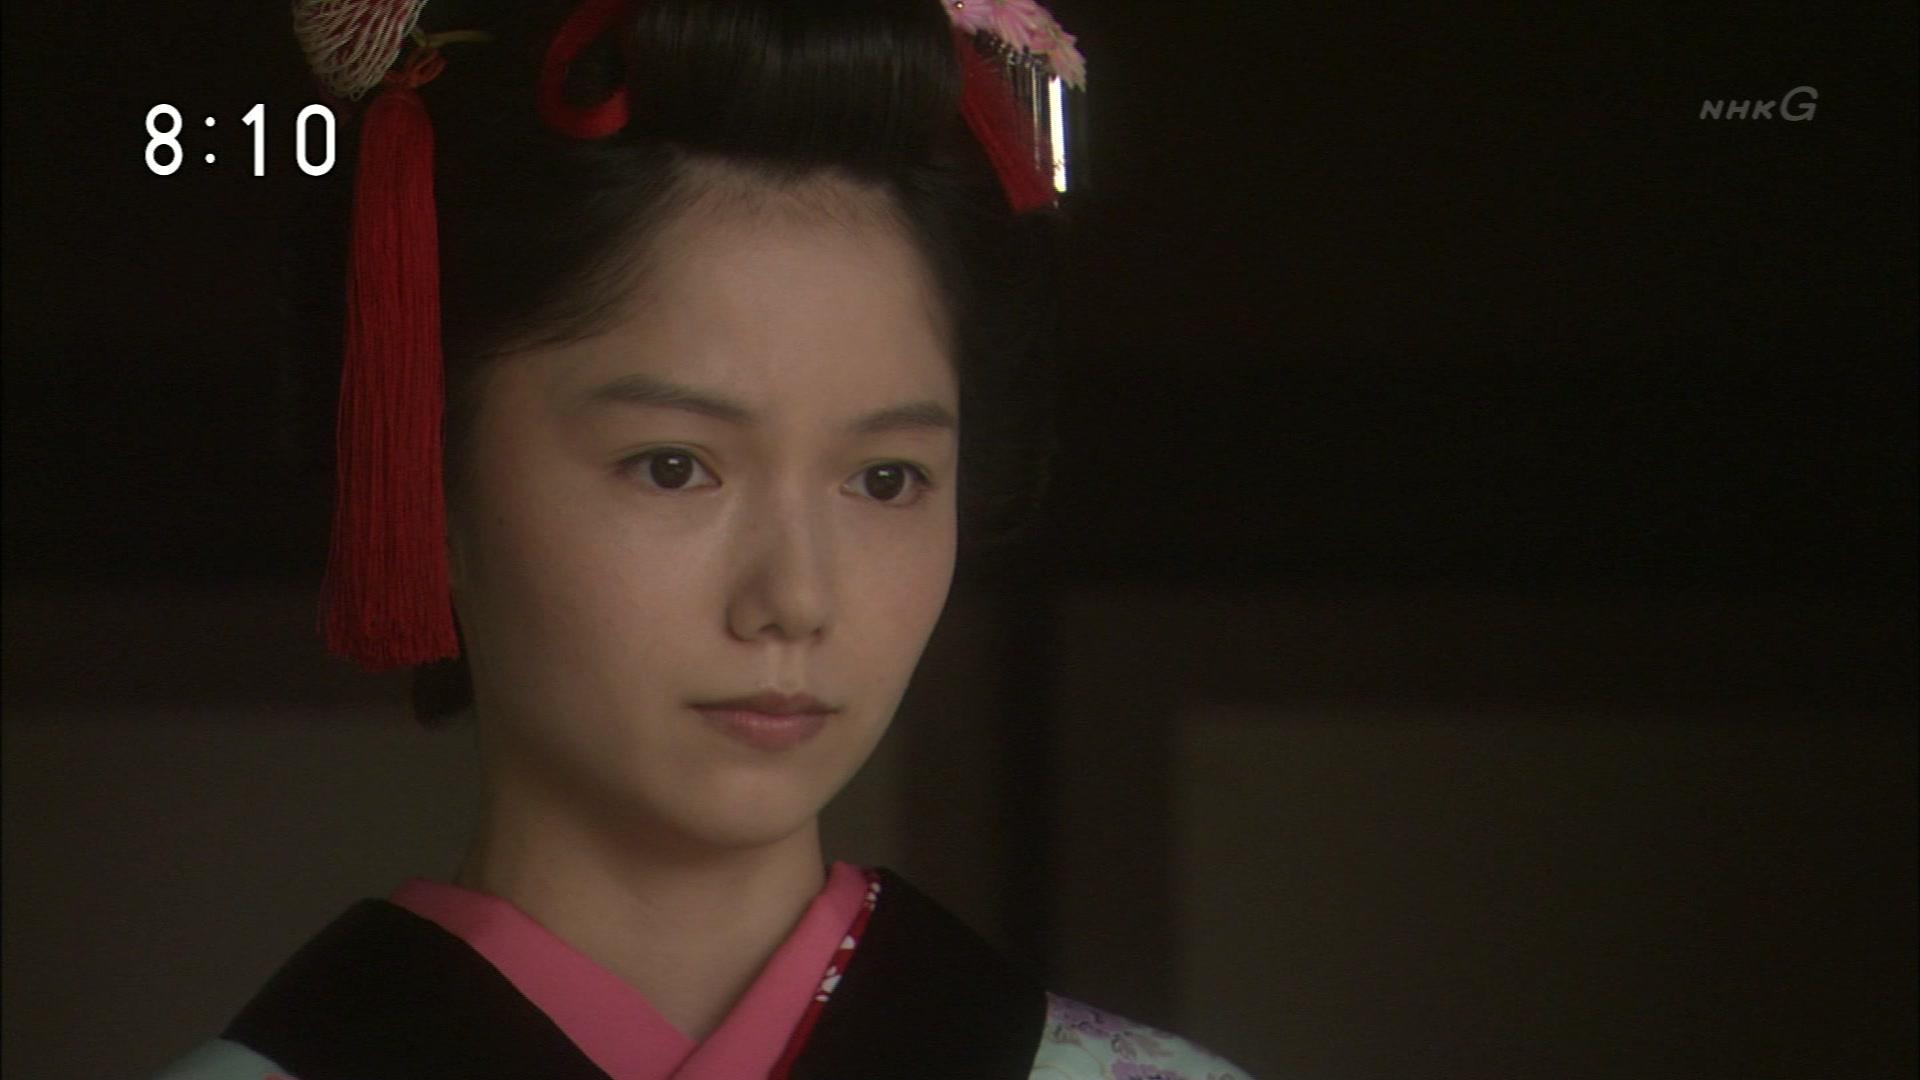 2015-10-08 08:00 連続テレビ小説 あさが来た(10)「ふたつの花びら」 1990